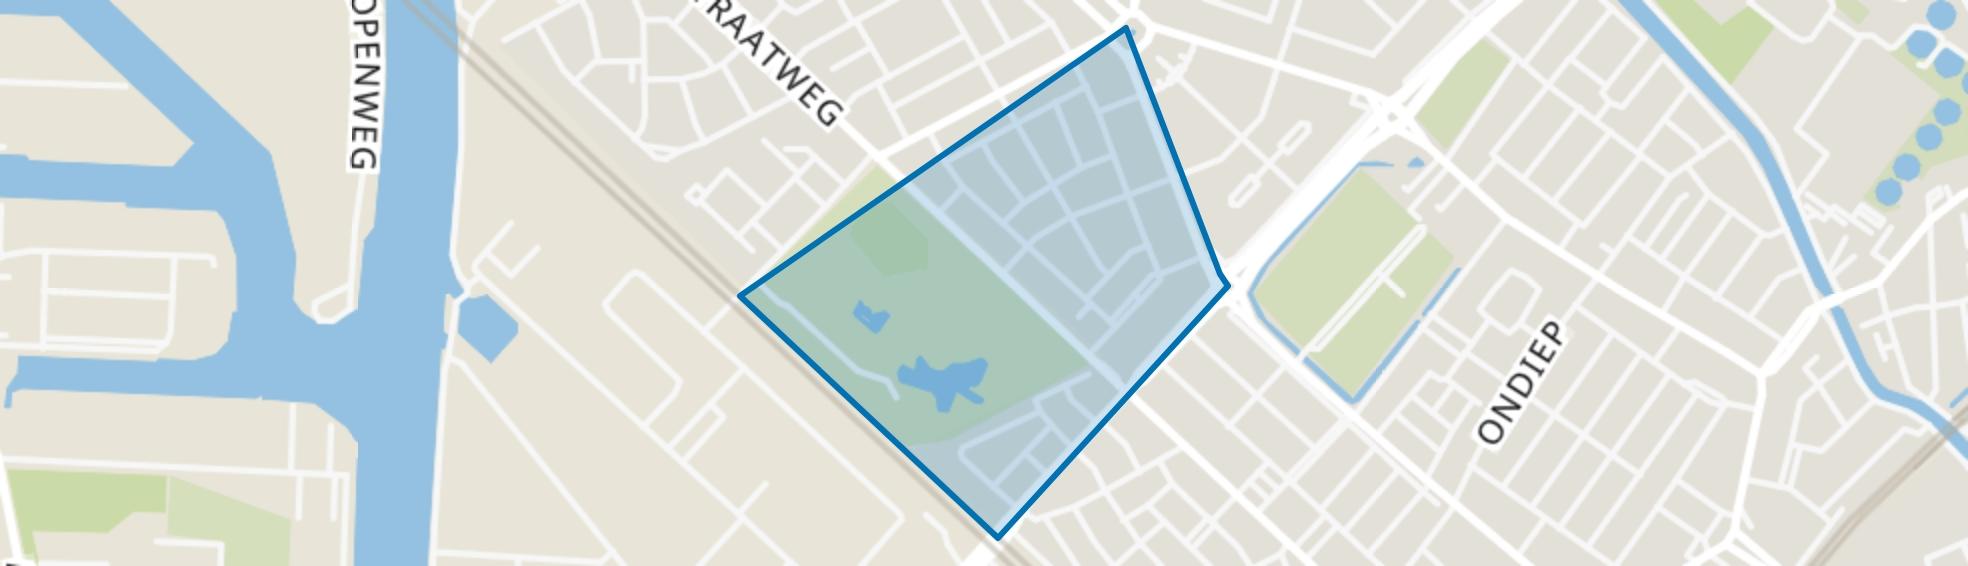 Julianapark en omgeving, Utrecht map